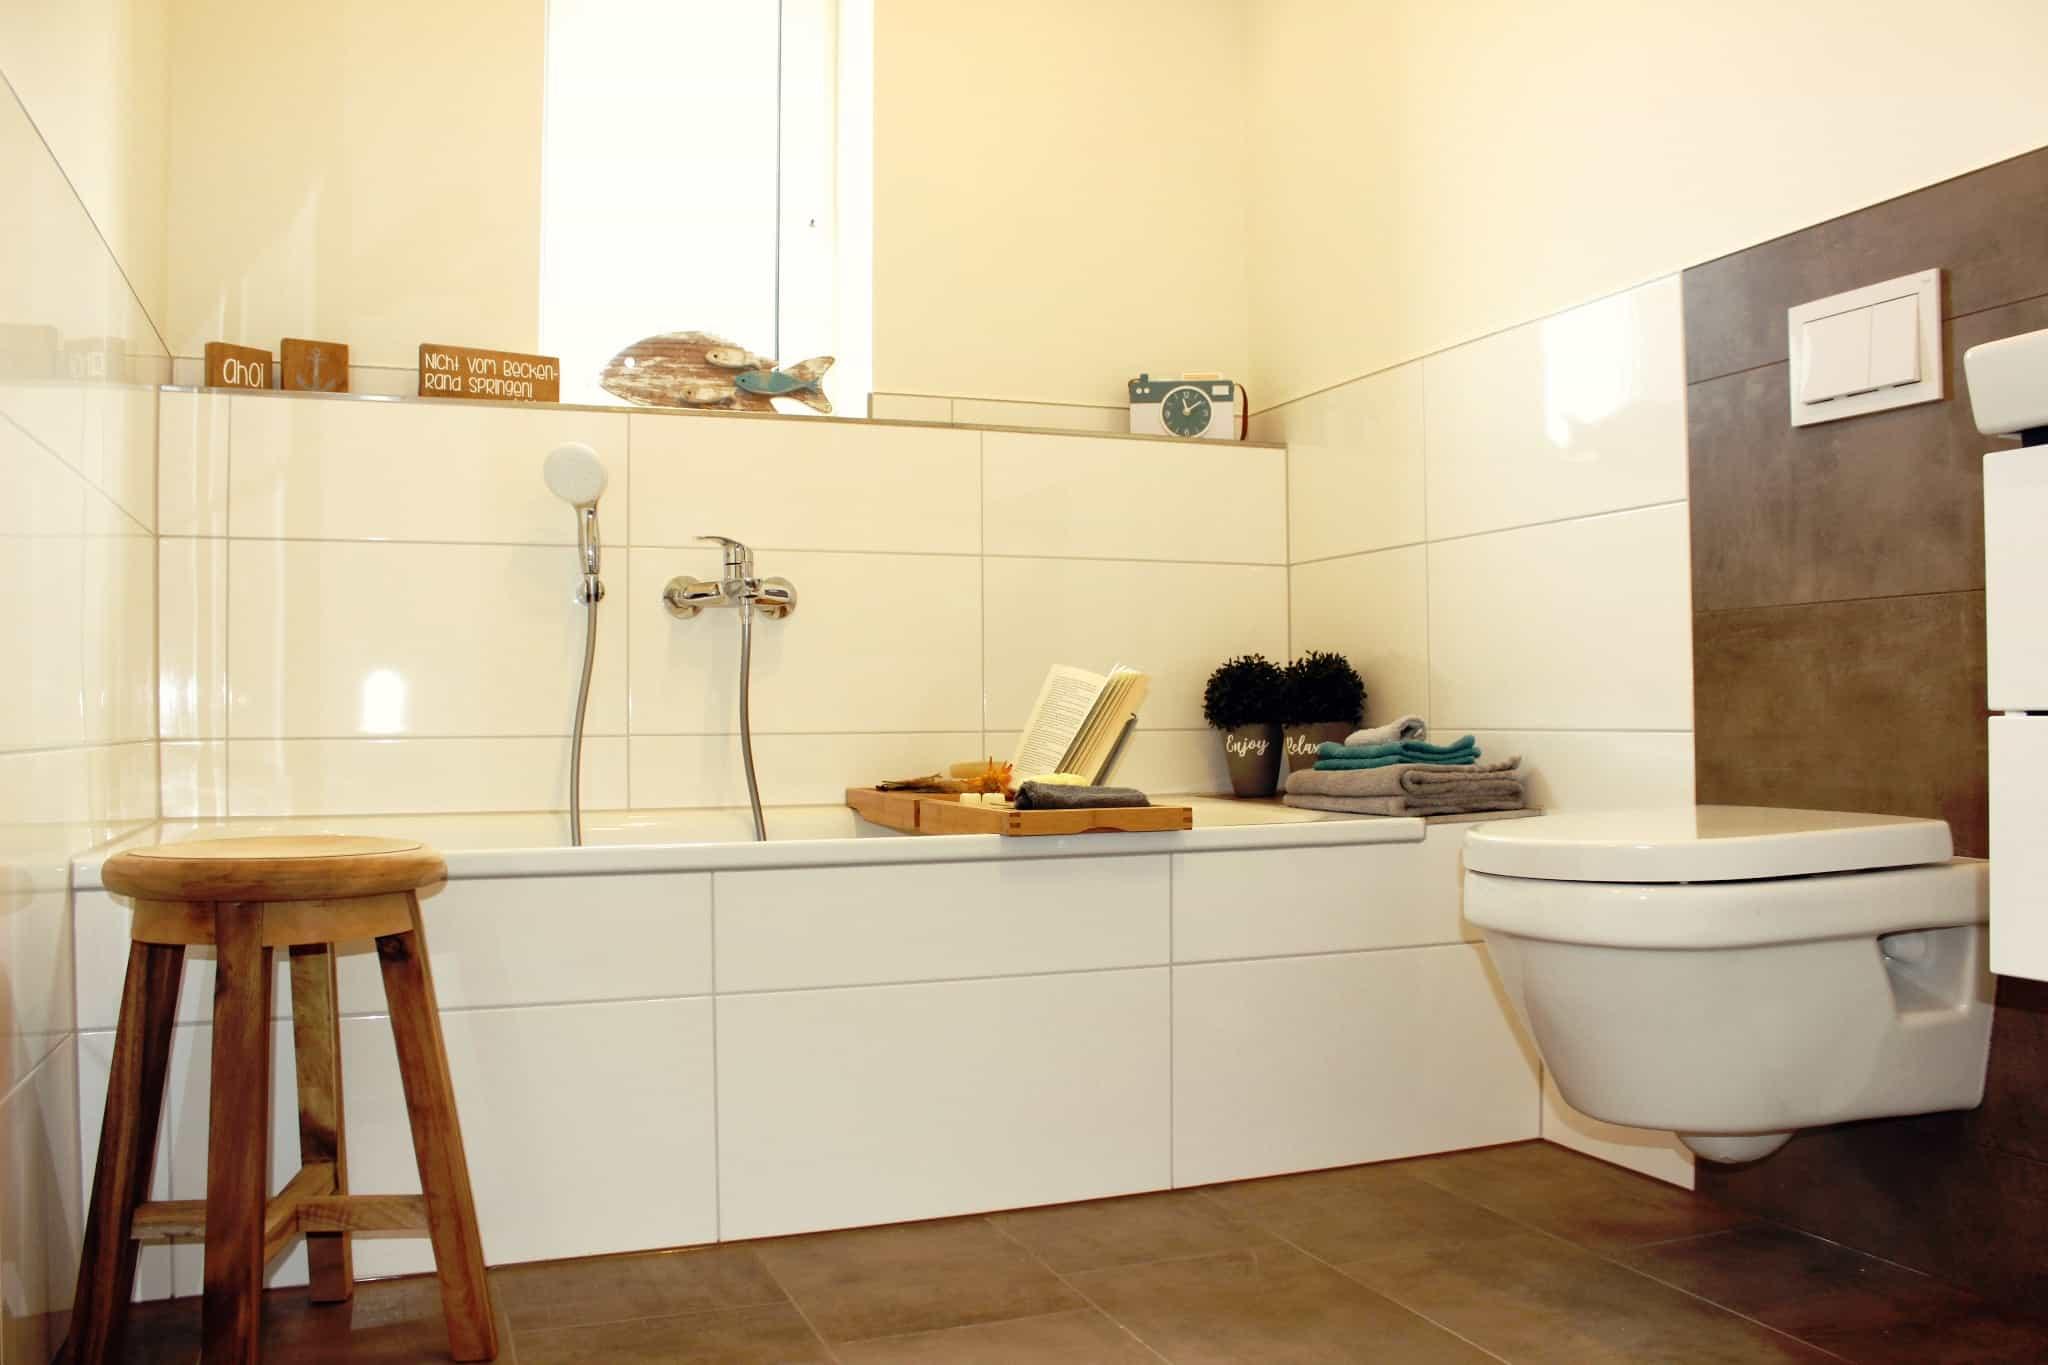 Ferienhaus Marta am Diemelsee Badewanne